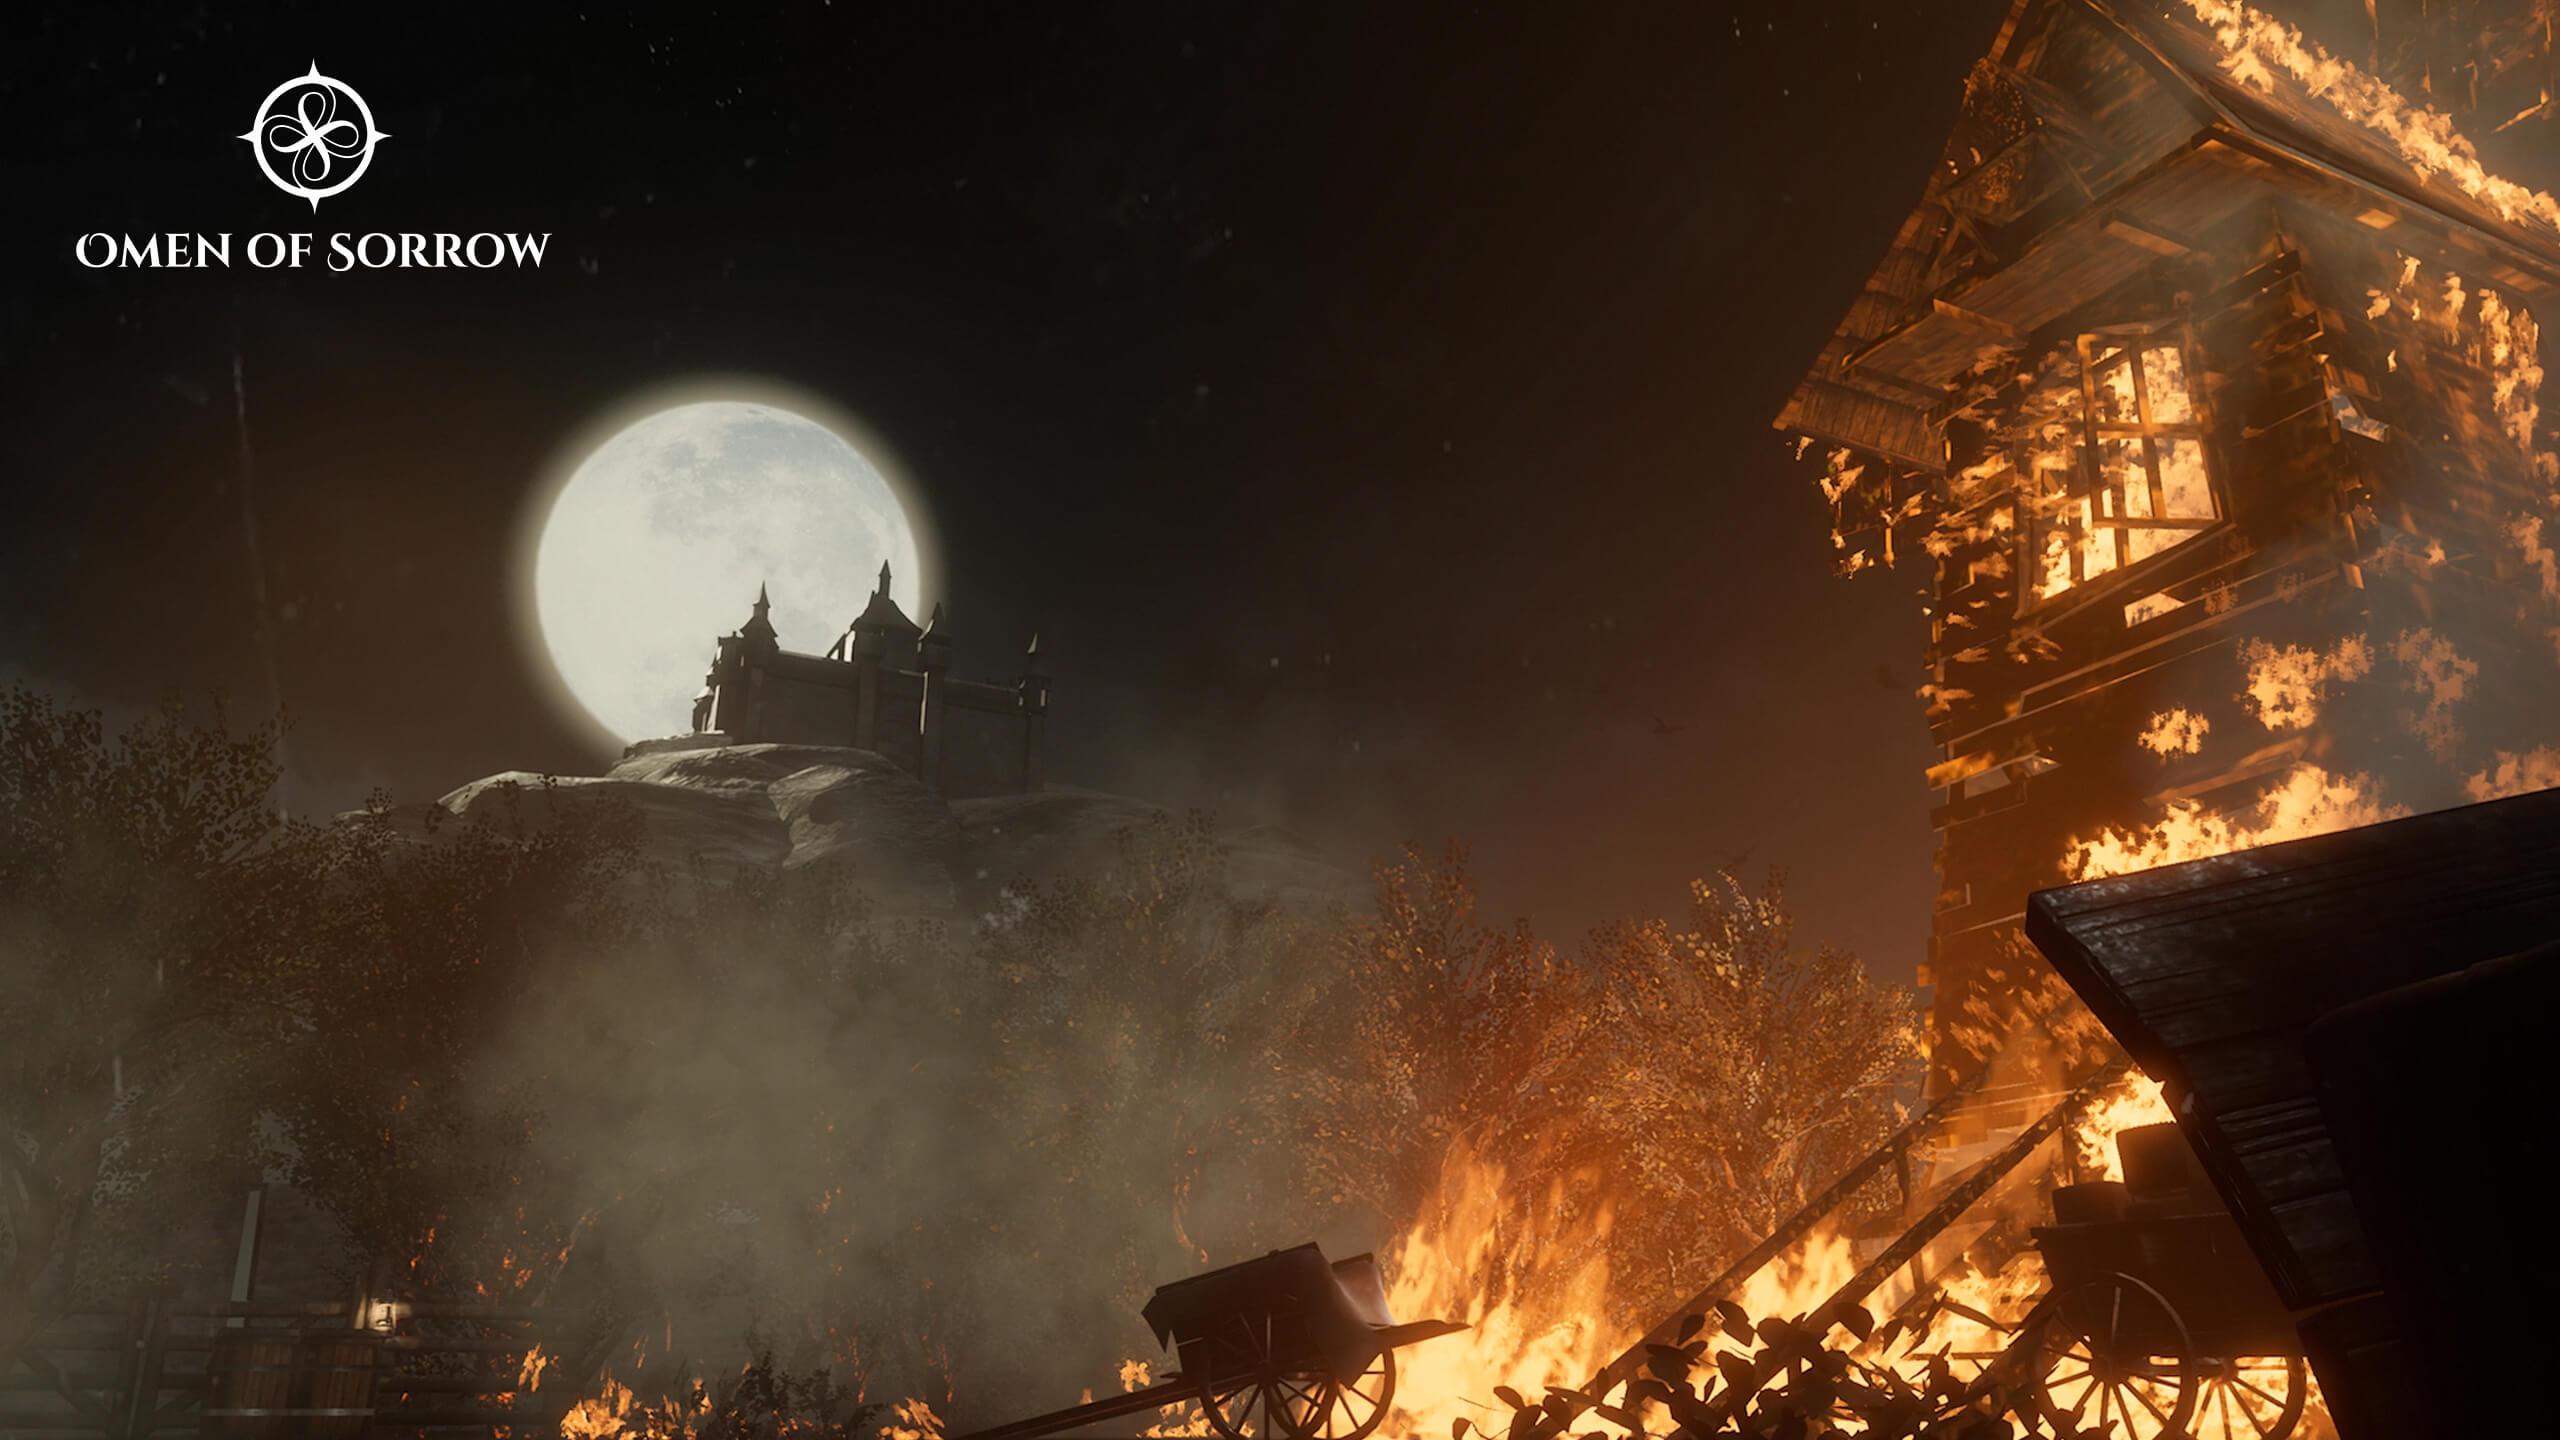 まもなく『Omen of Sorrow』のPC版が登場します。現在、事前購入が可能です!この典型的な格闘ゲームでは、ホラー、ファンタジー、神話からアイデアを得たキャラクターが戦いを繰り広げます。